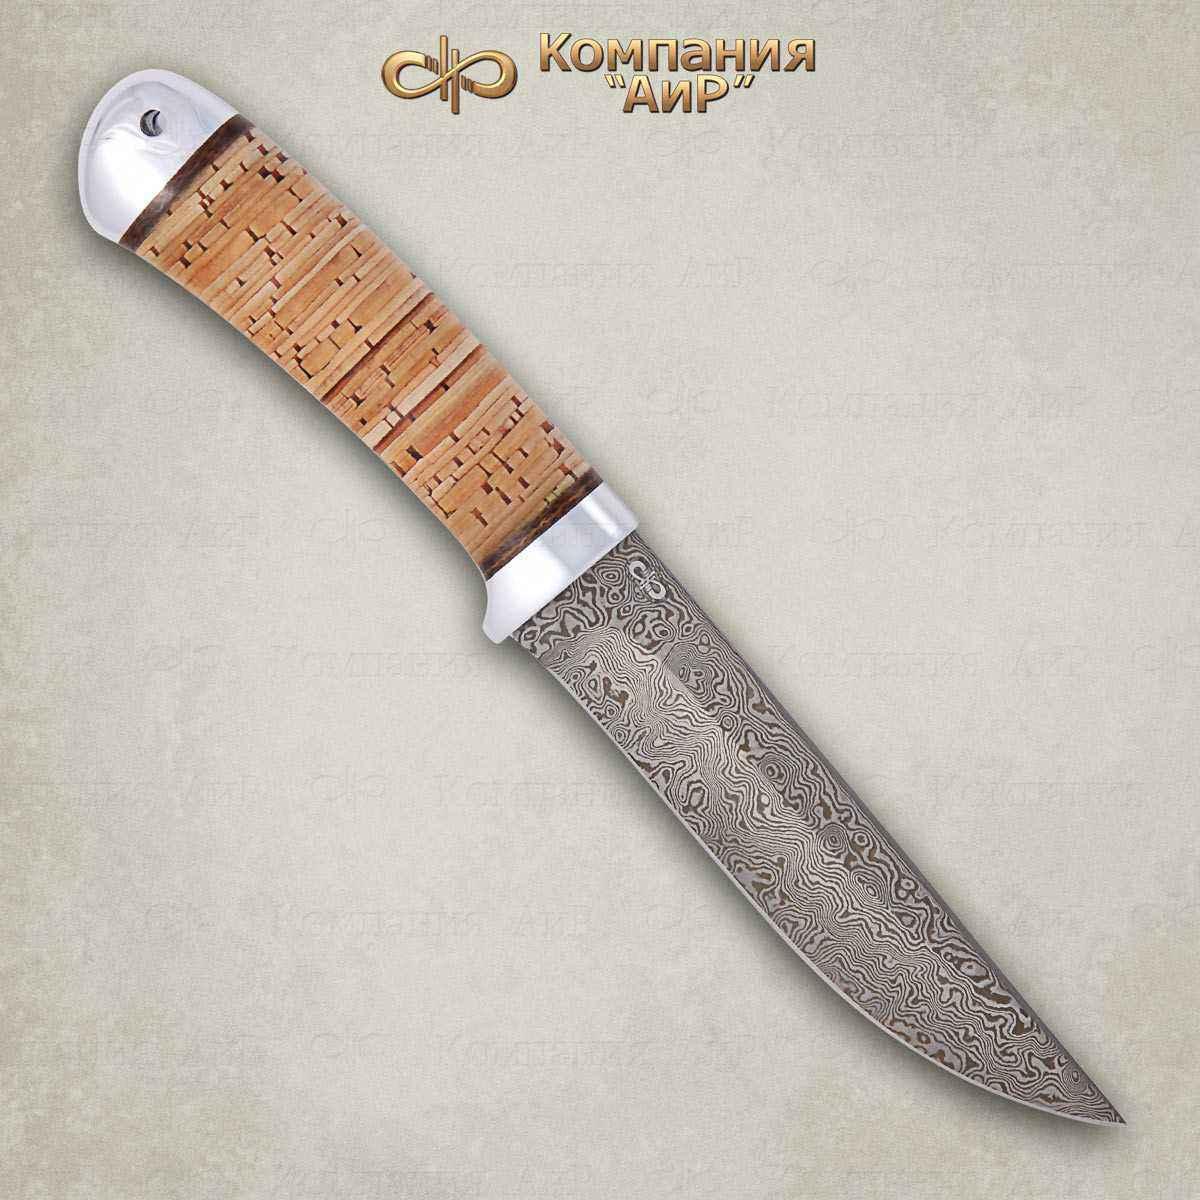 Нож Лиса, сталь ZDI 1016, рукоять береста, алюминий фото